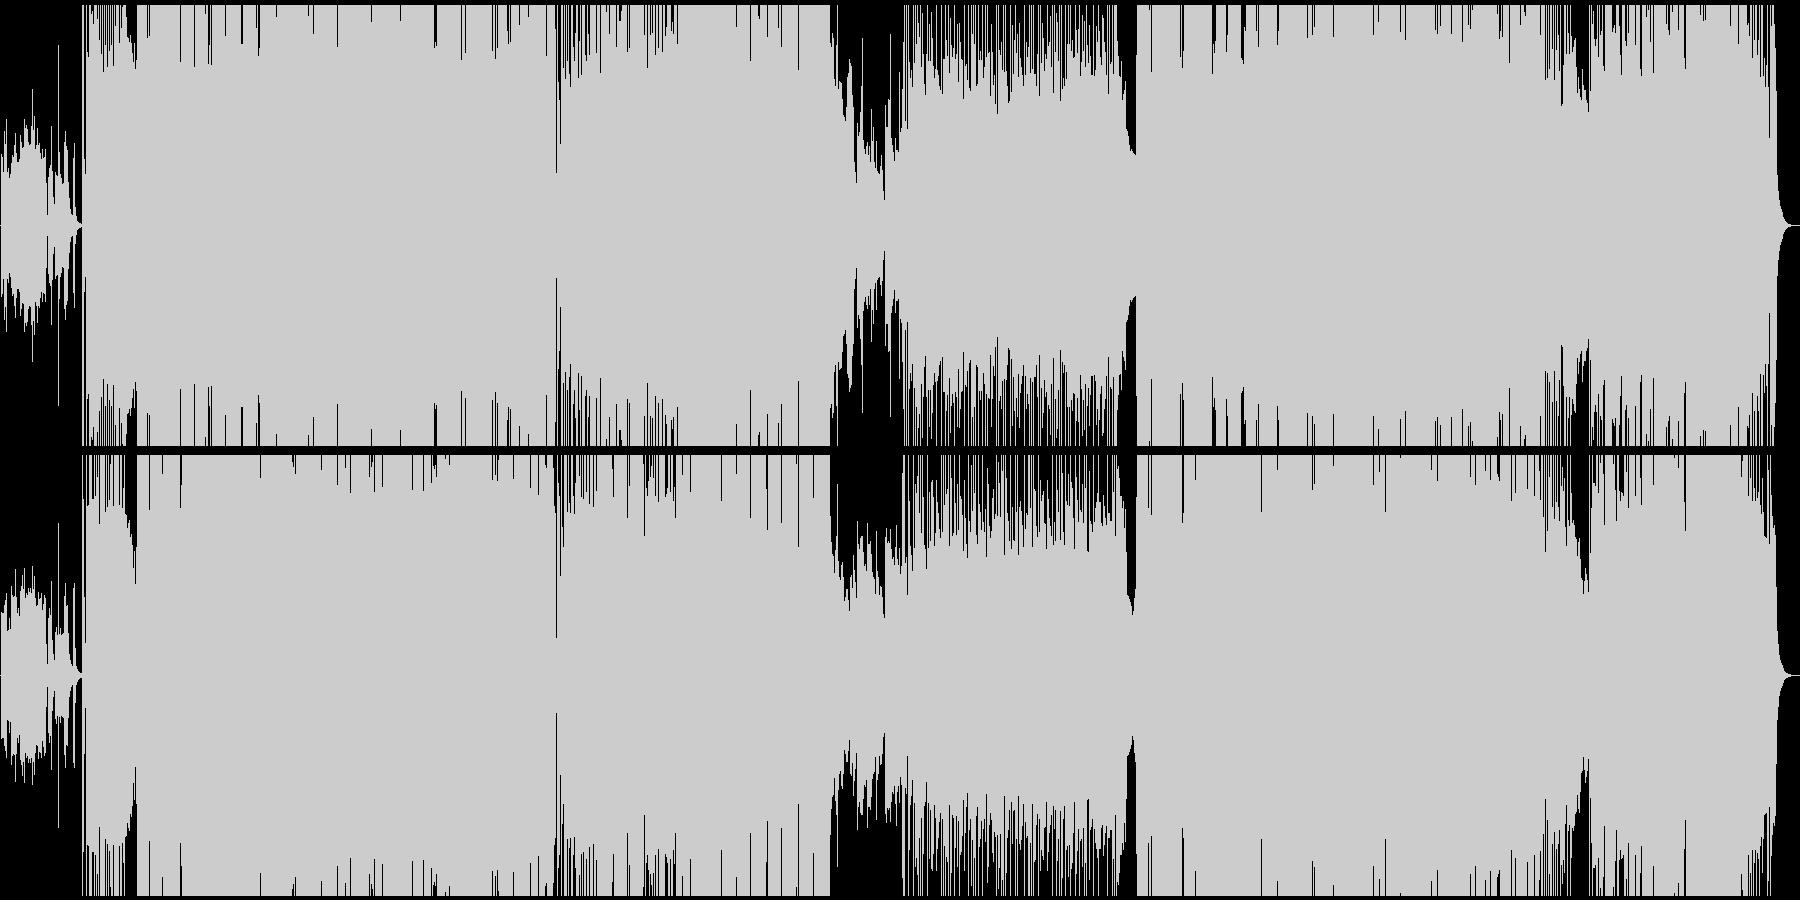 サムライがテーマの重厚なパンクロックの未再生の波形